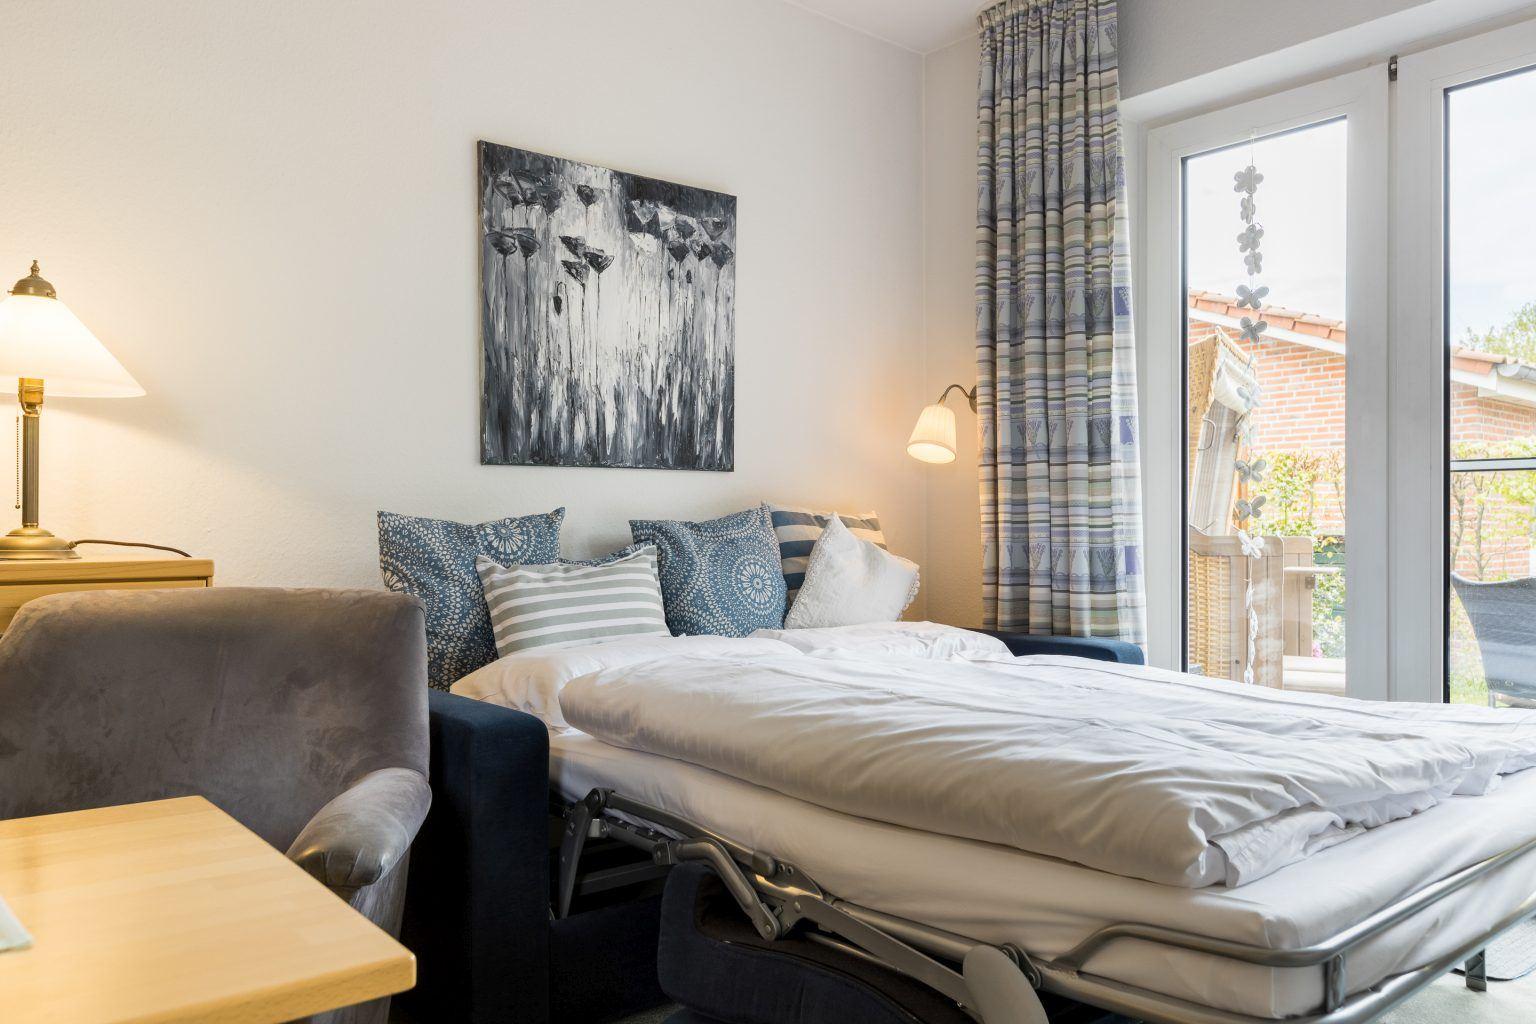 """Wohnzimmer mit Schlafsofa - St Peter Ording Dorf, Haus Duenenblick, Wohnung 1 """"Sonnenblick"""""""